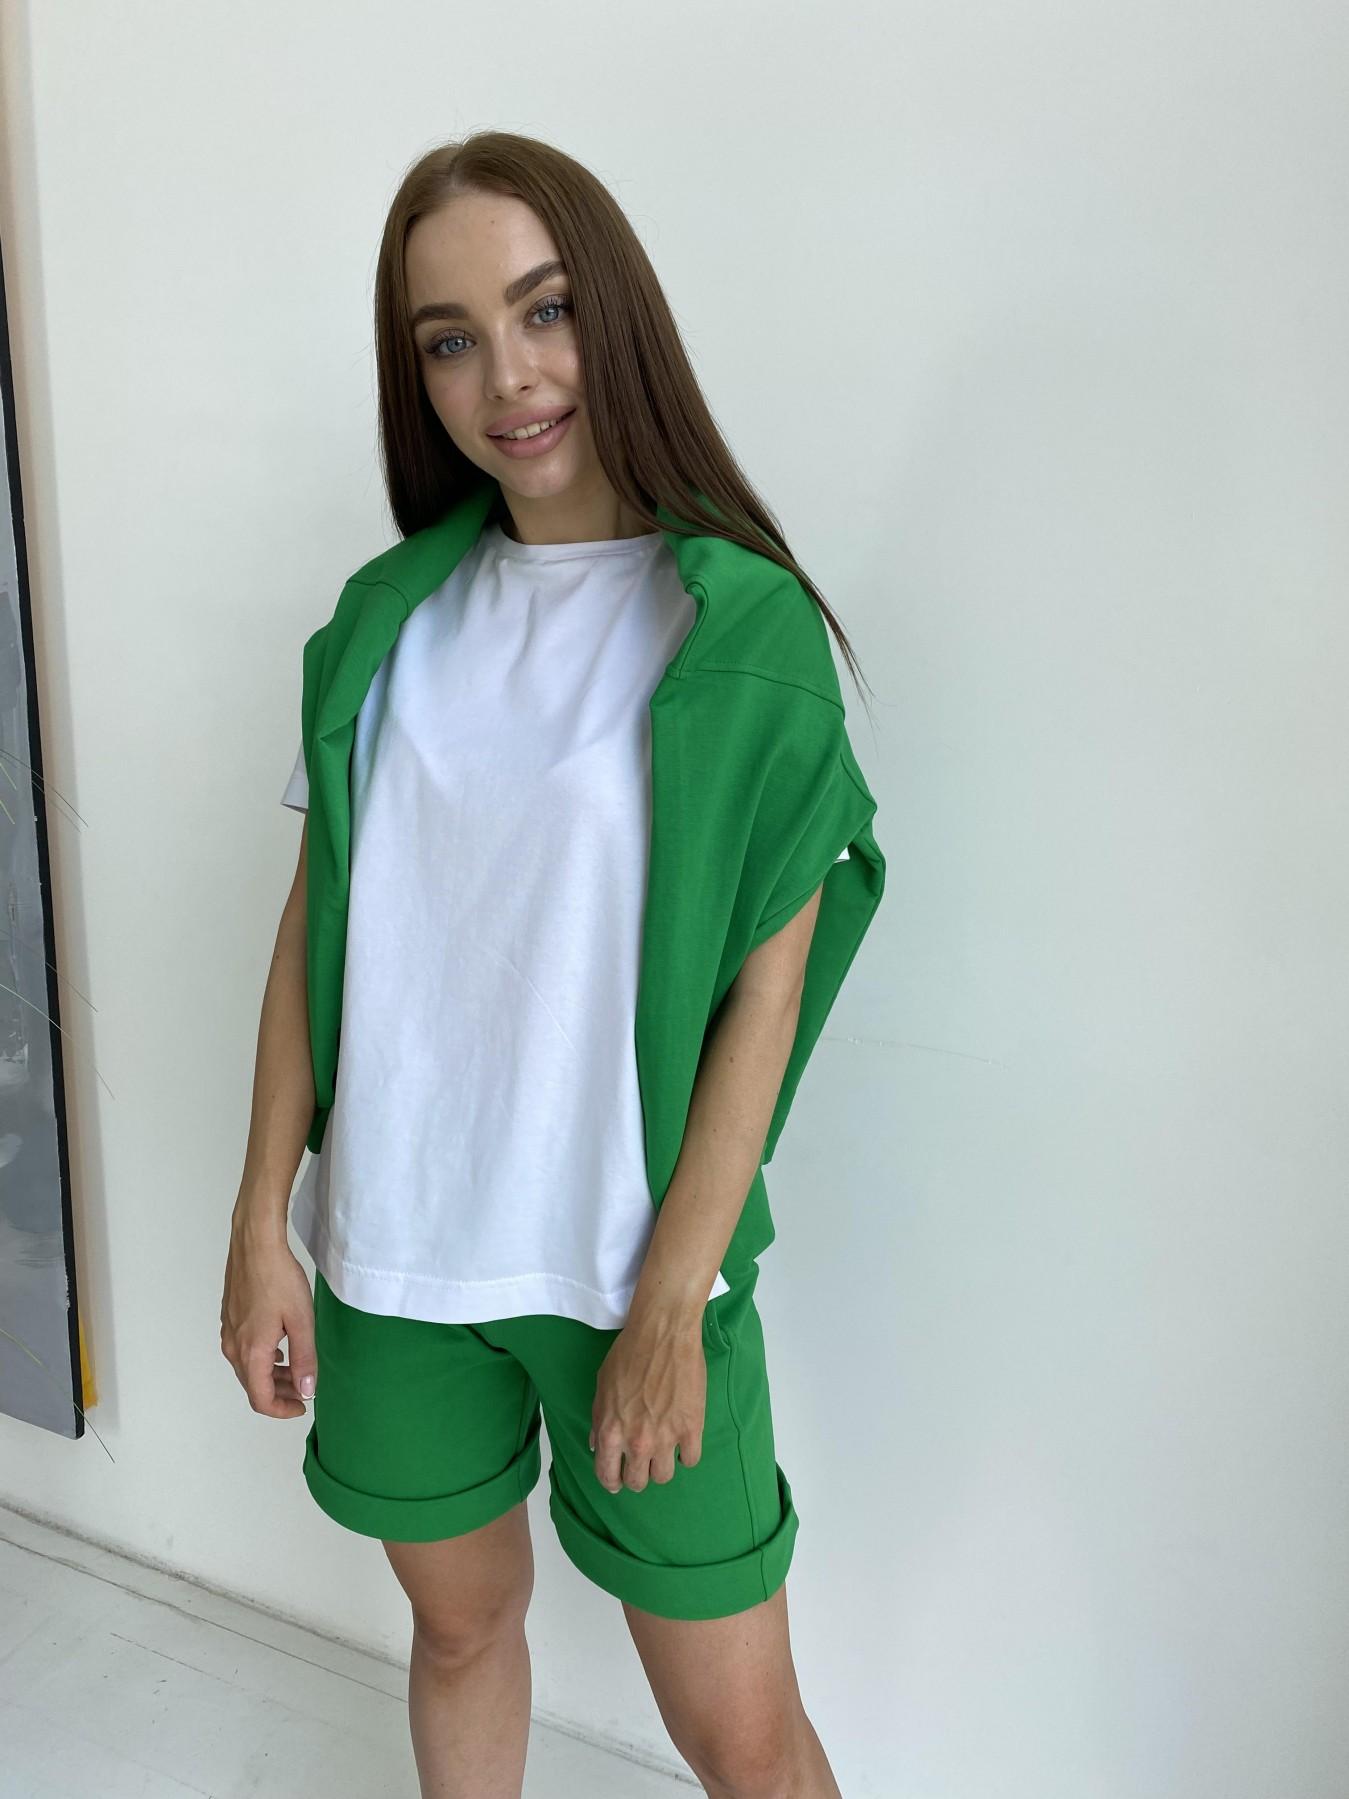 Фарт 4 костюм трикотажный 2х нитка из вискозы 11363 АРТ. 48020 Цвет: ЗеленыйТравка/Белый - фото 4, интернет магазин tm-modus.ru